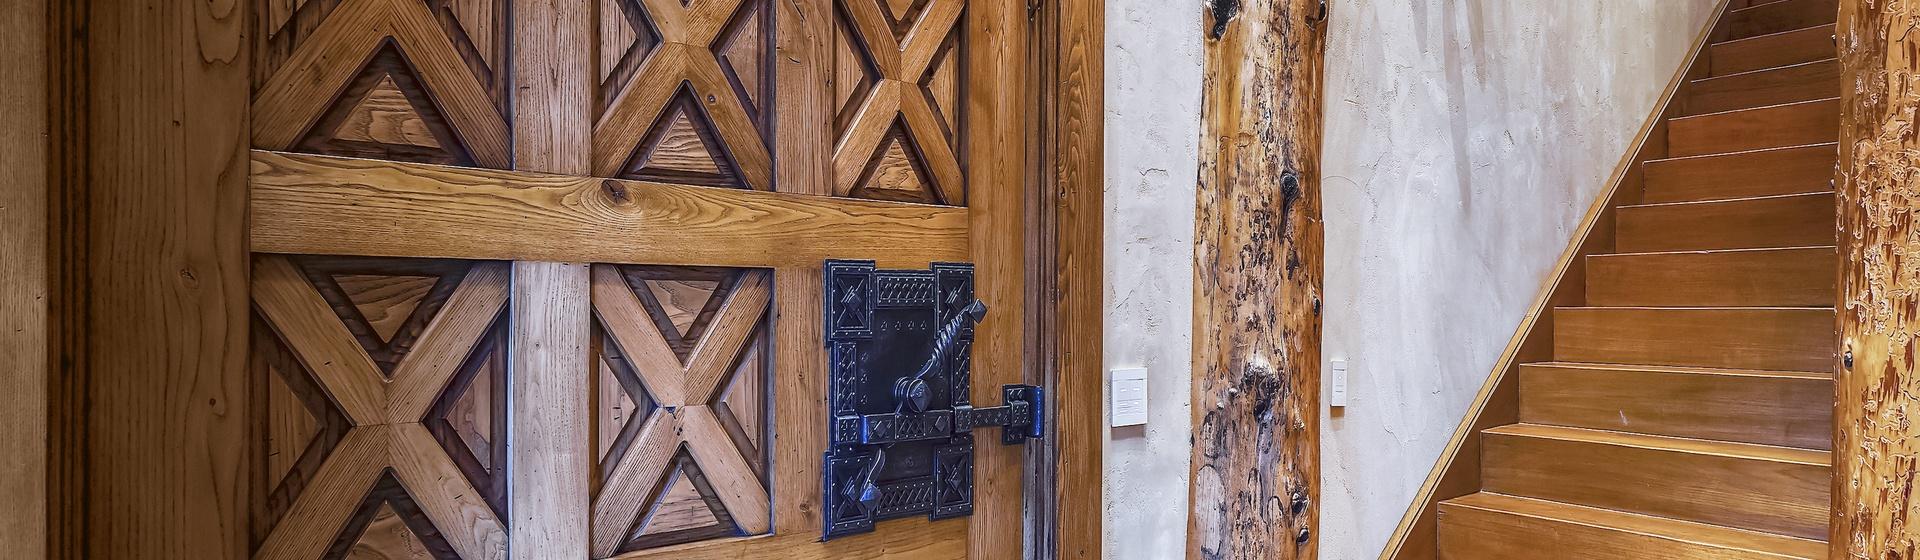 5.7-Telluride-Sleeping-Indian-Ranch-east-wing-suite-stairs-loft-web.JPG